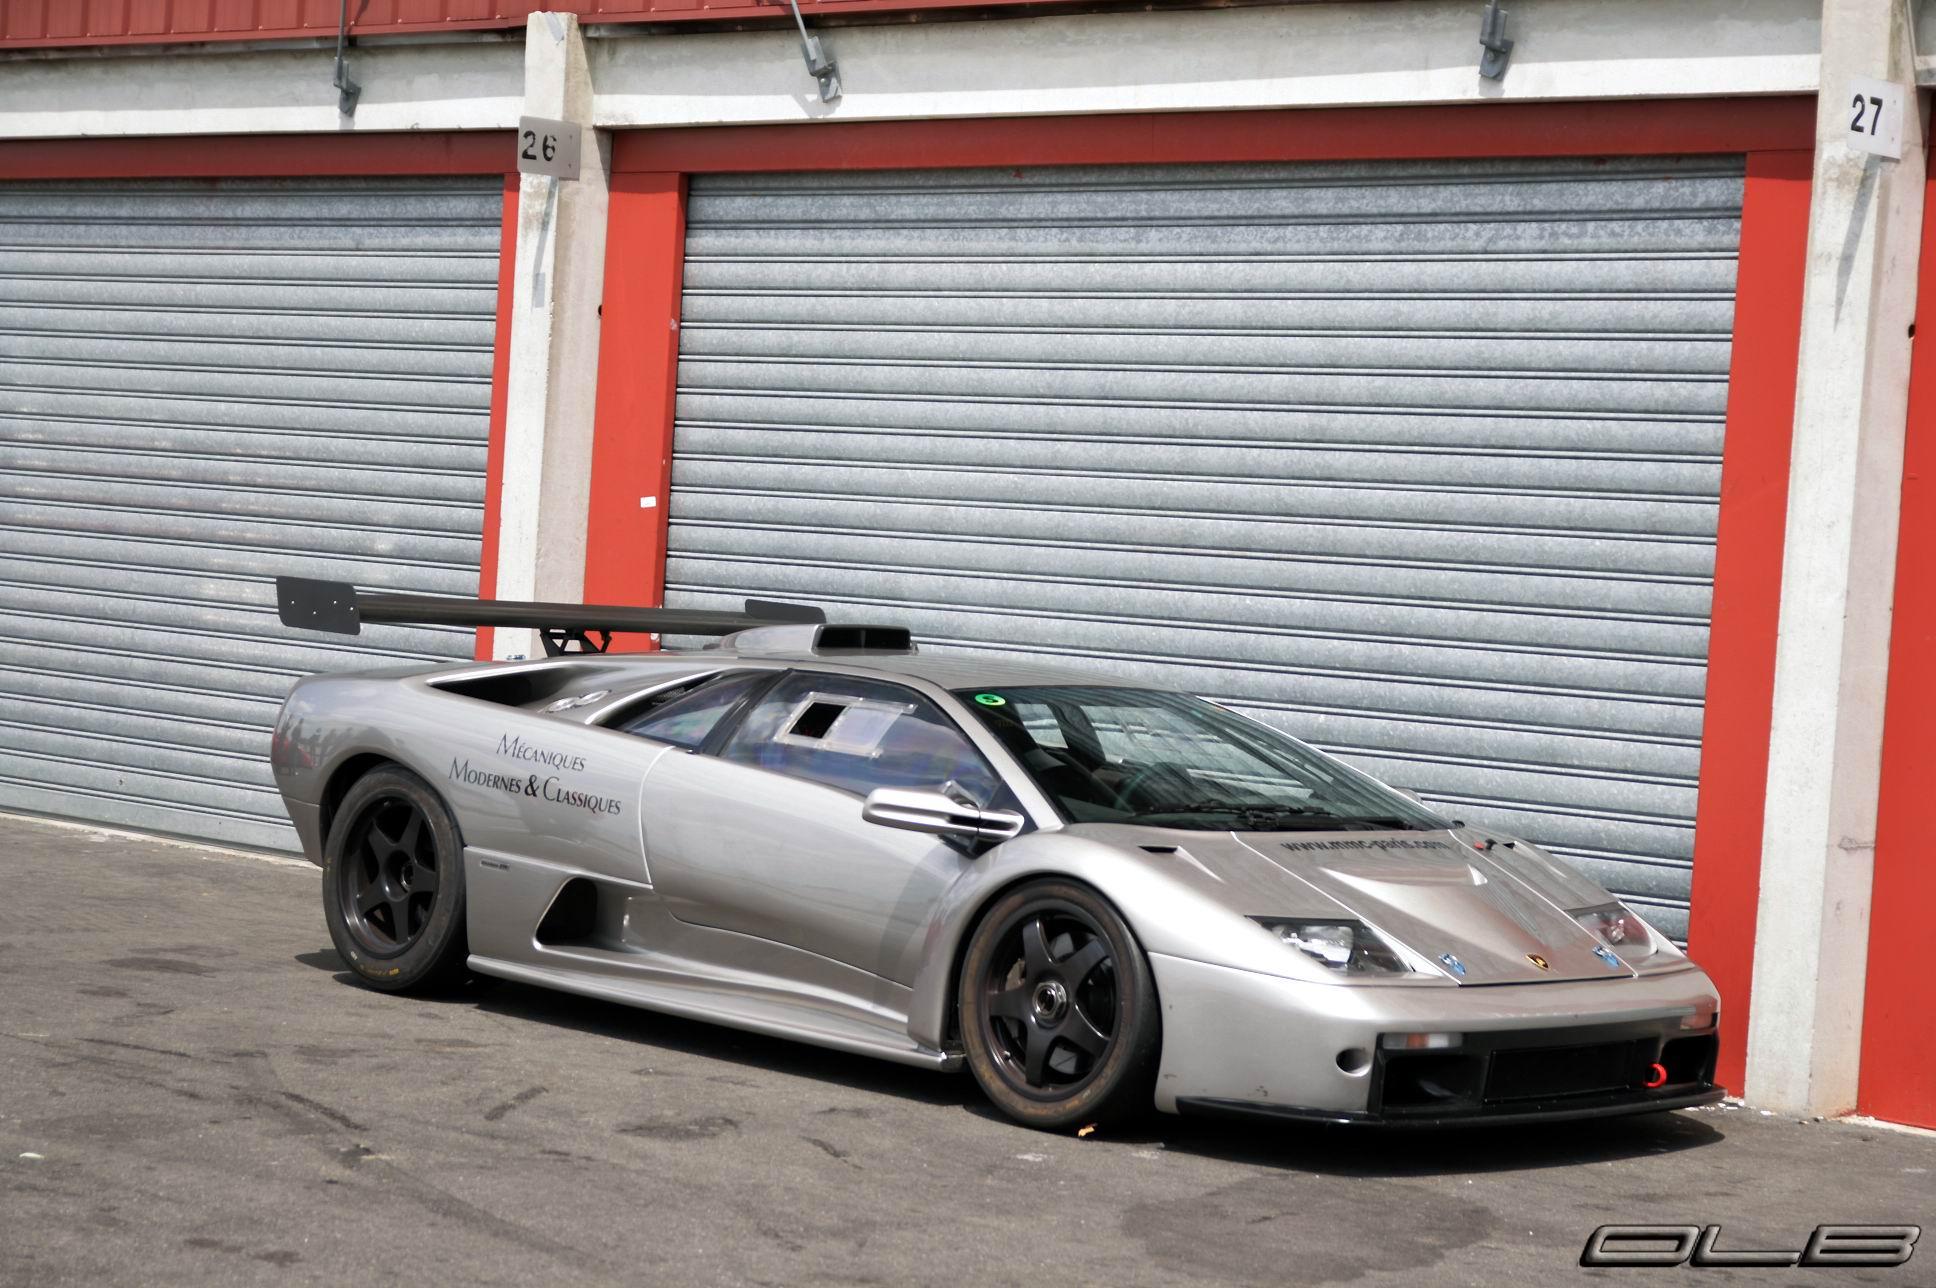 S0-Photo-du-jour-Lamborghini-Diablo-GTR-76719